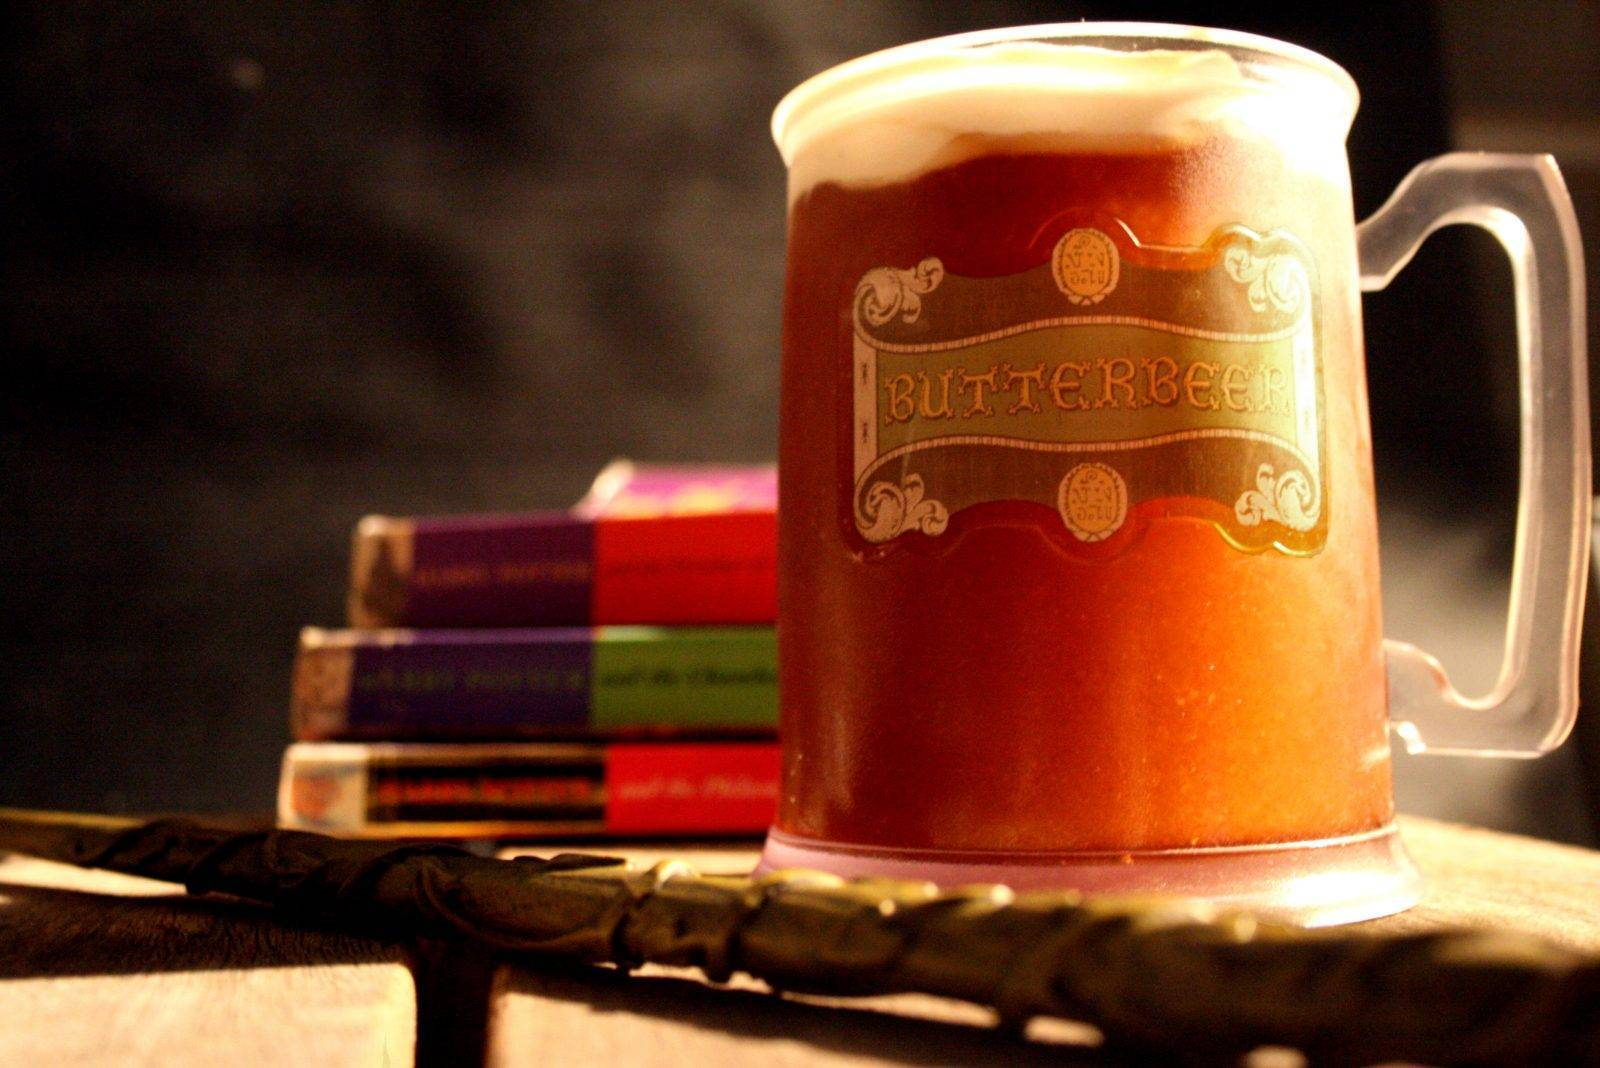 Сливочное пиво из гарри поттера: рецепты приготовления любимого безалкогольного напитка юного волшебника из рассказов джоан роулинг